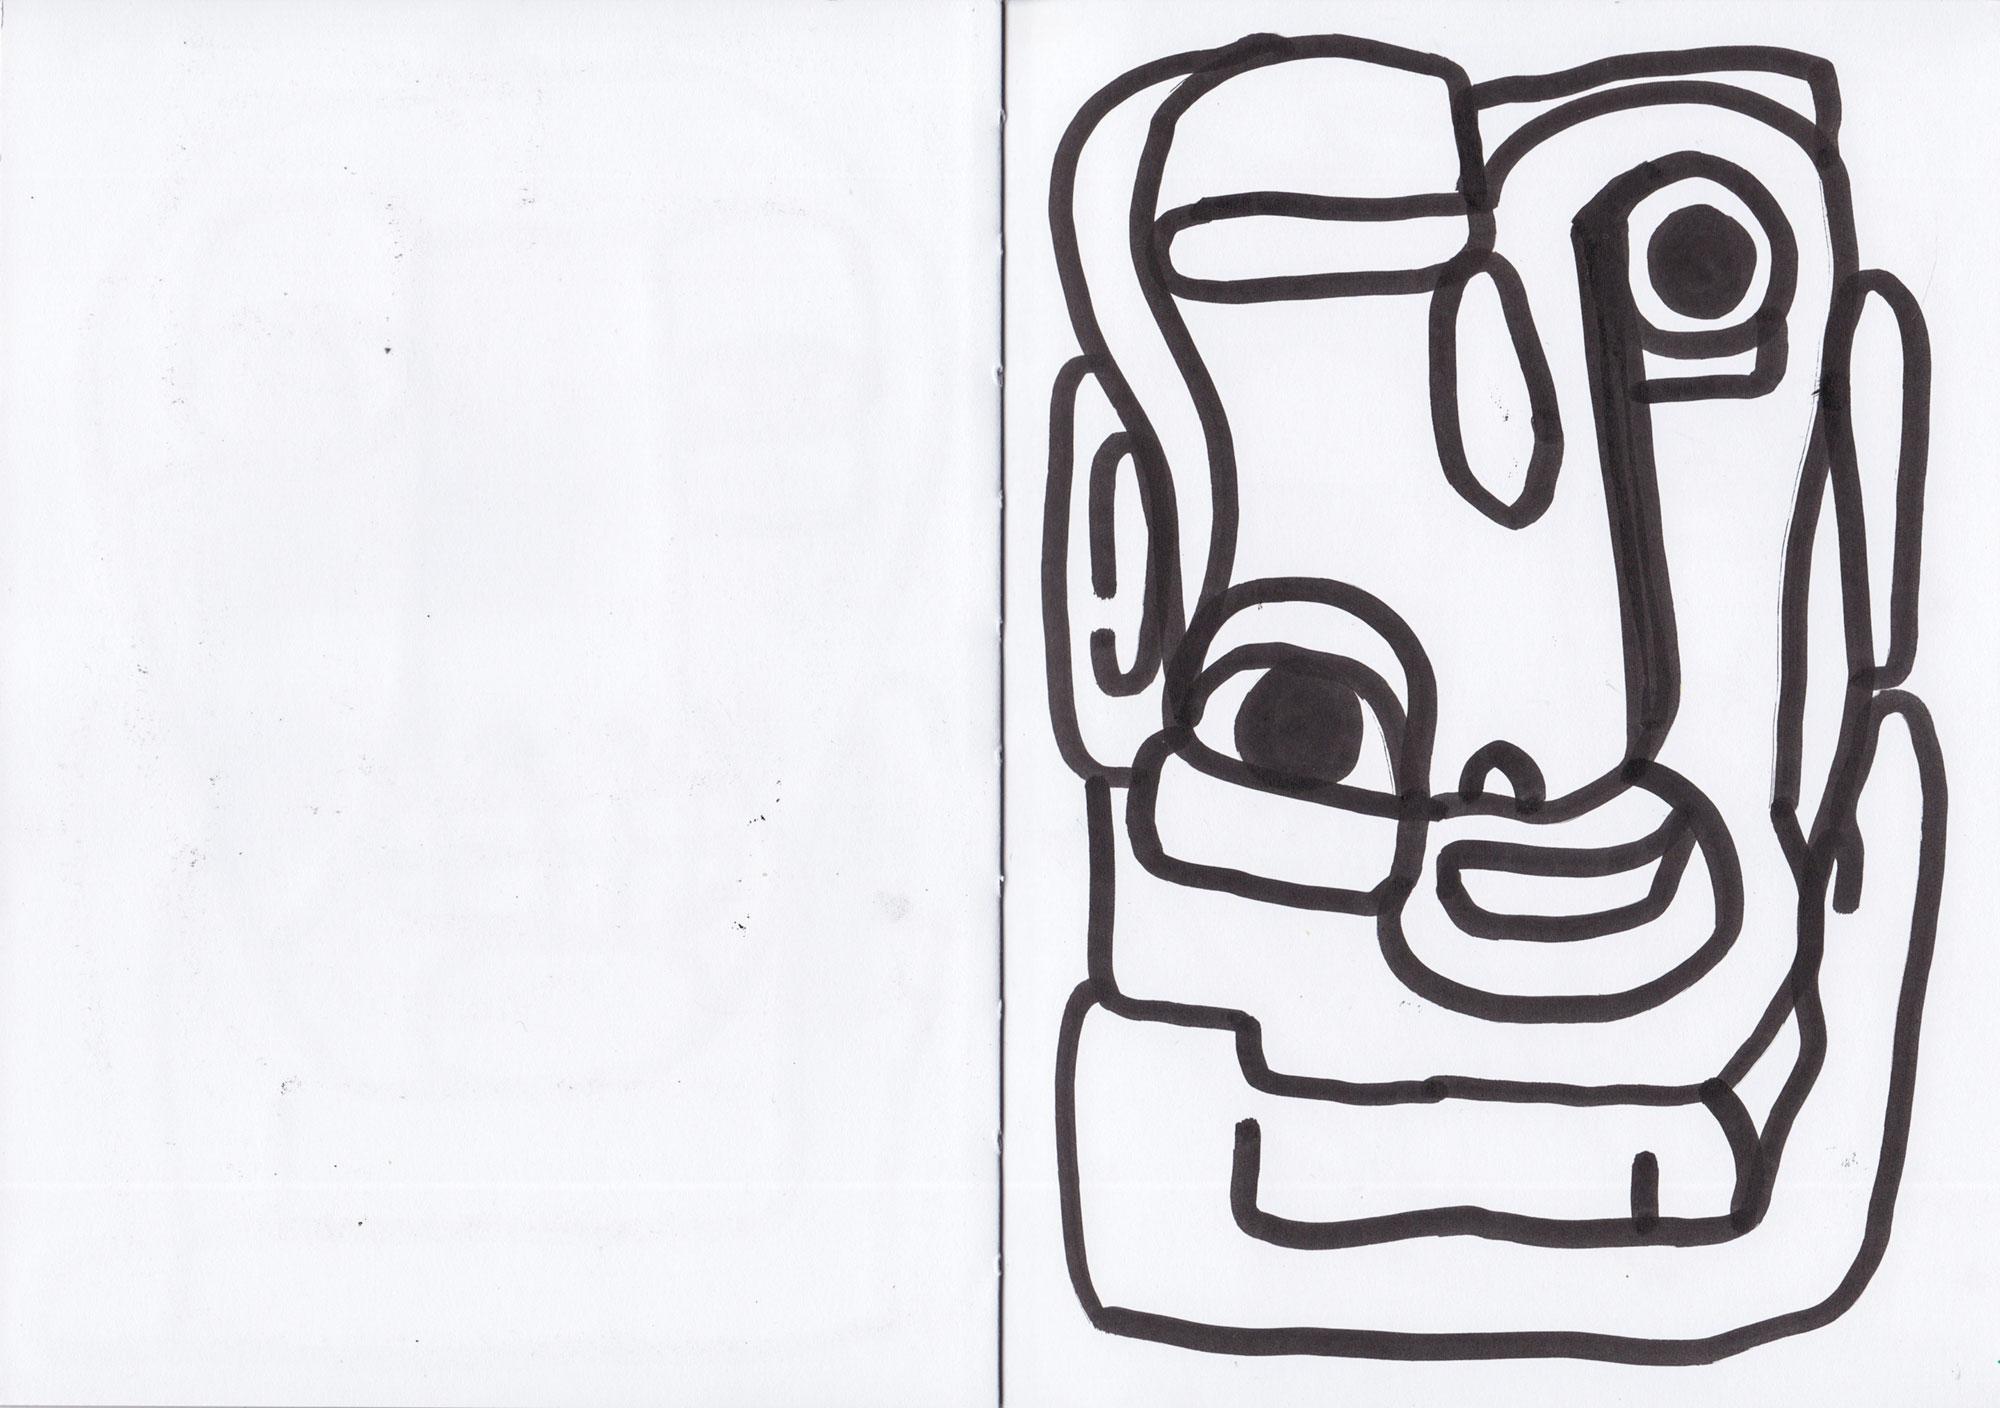 18-Scan-Book-FACES-DA-4